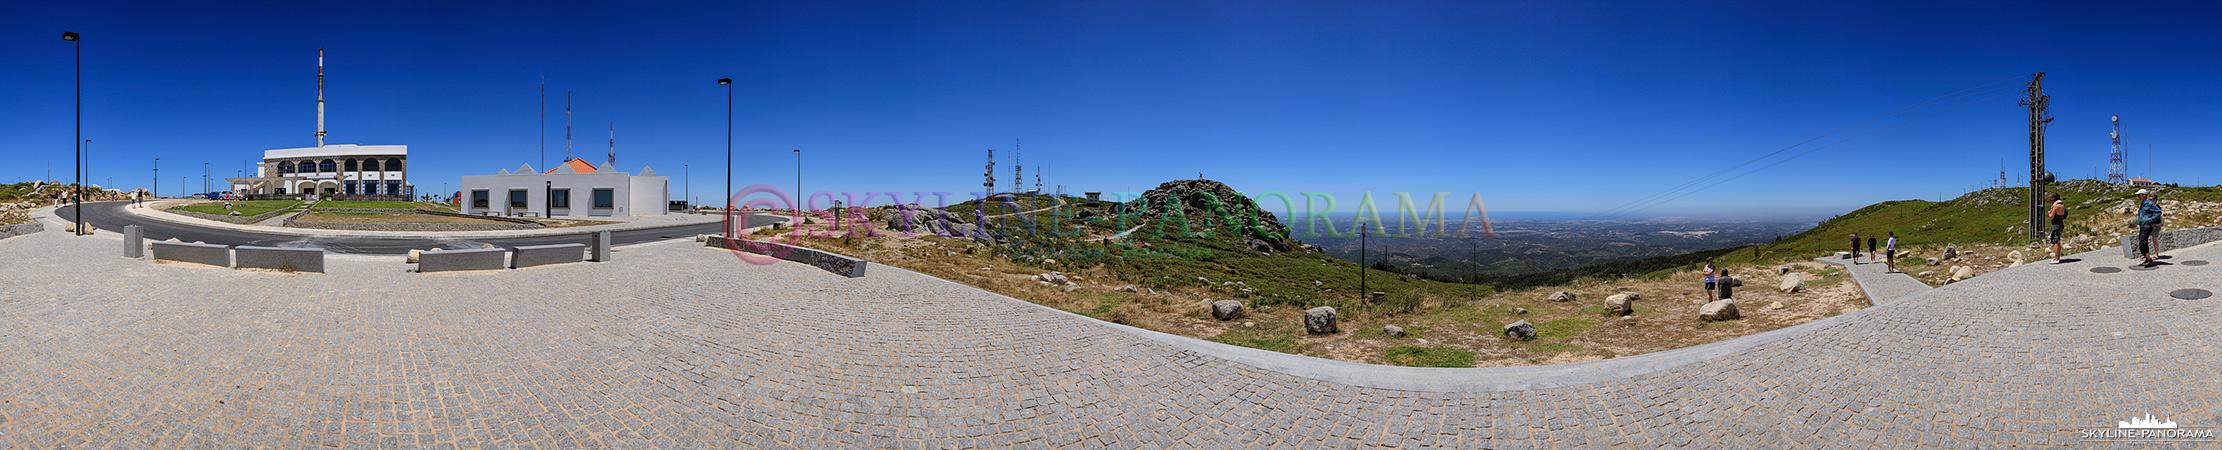 Portugal Bilder Algarve - Der 902m hohe Gipfel des Fóia ist der höchste Punkt des Monchiquegebirges und der Algarve.